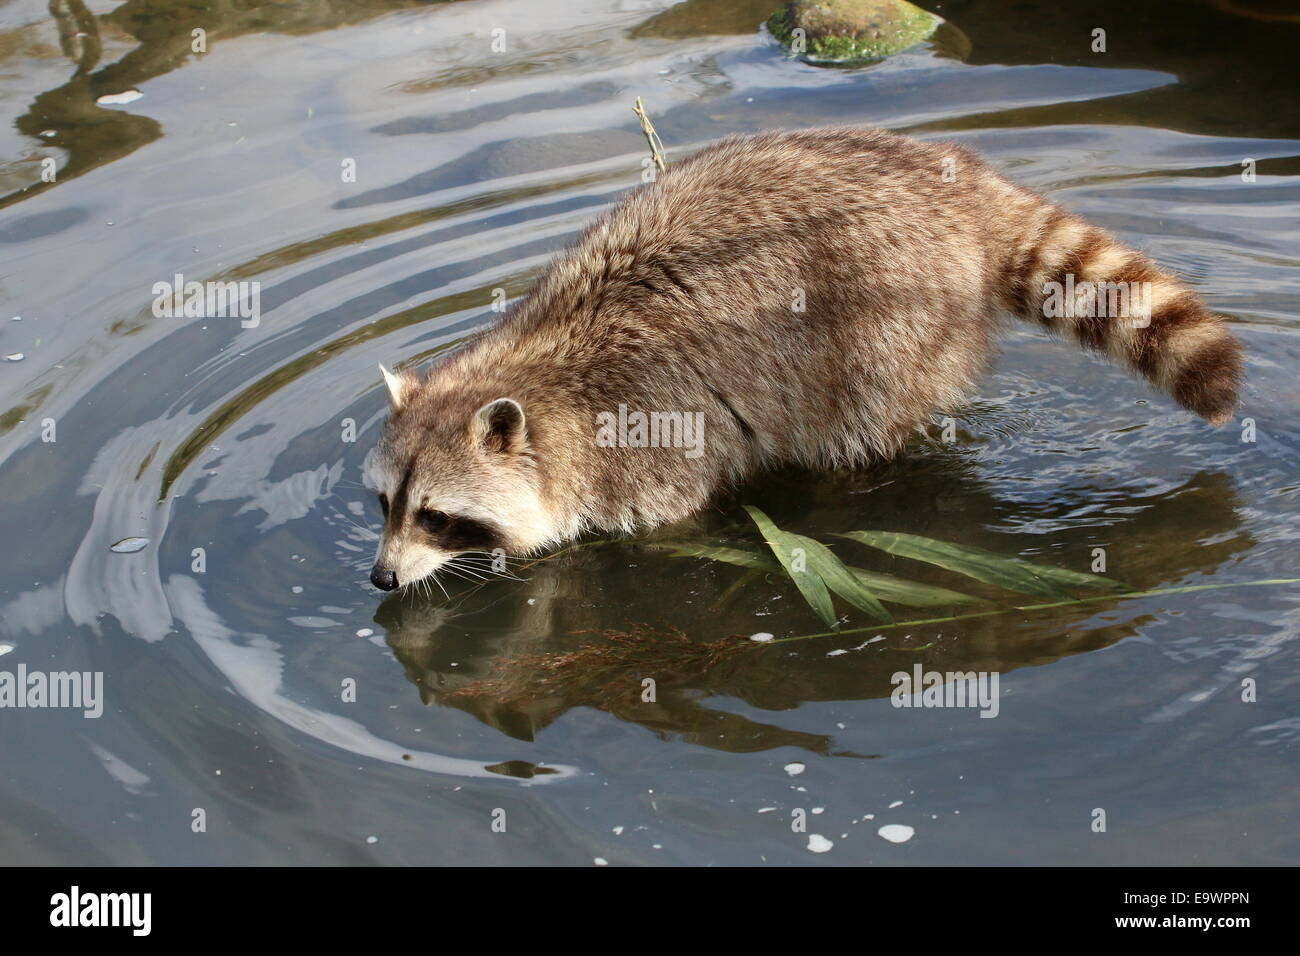 Per il Nord America o per il nord raccoon ( Procione lotor) camminando attraverso l'acqua Immagini Stock